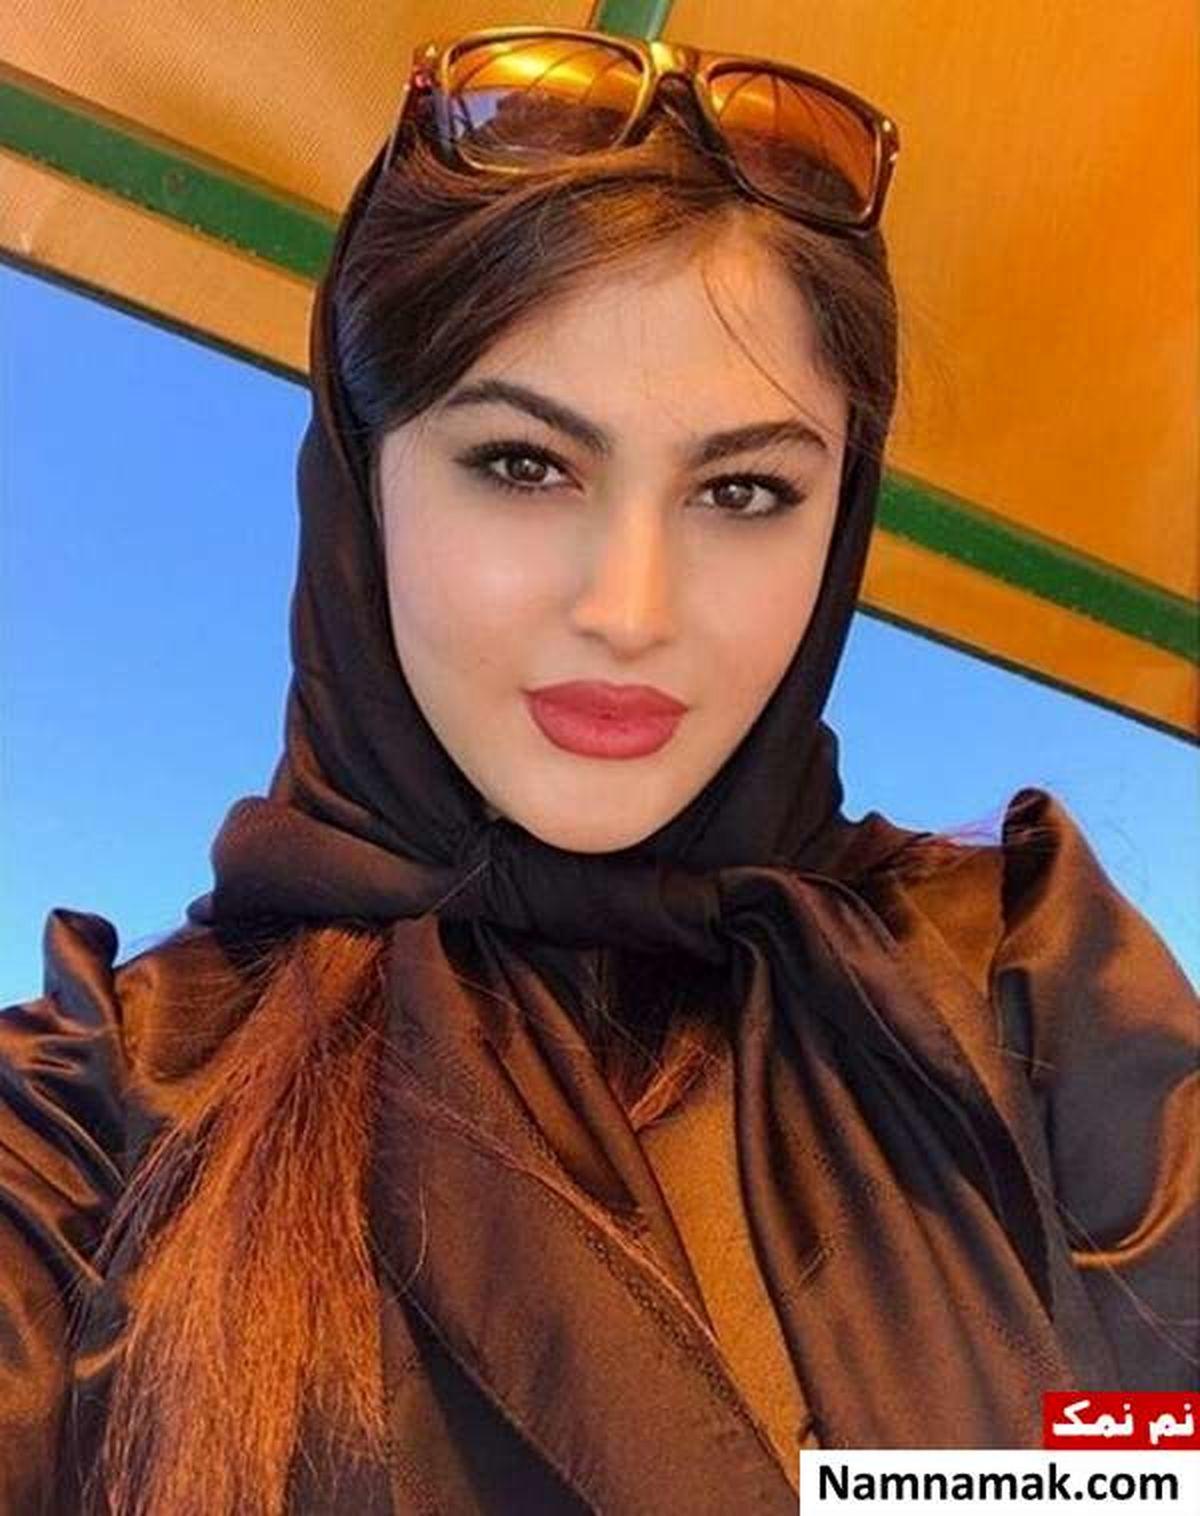 ست لاکچری مریم مومن جنجالی شد + عکس